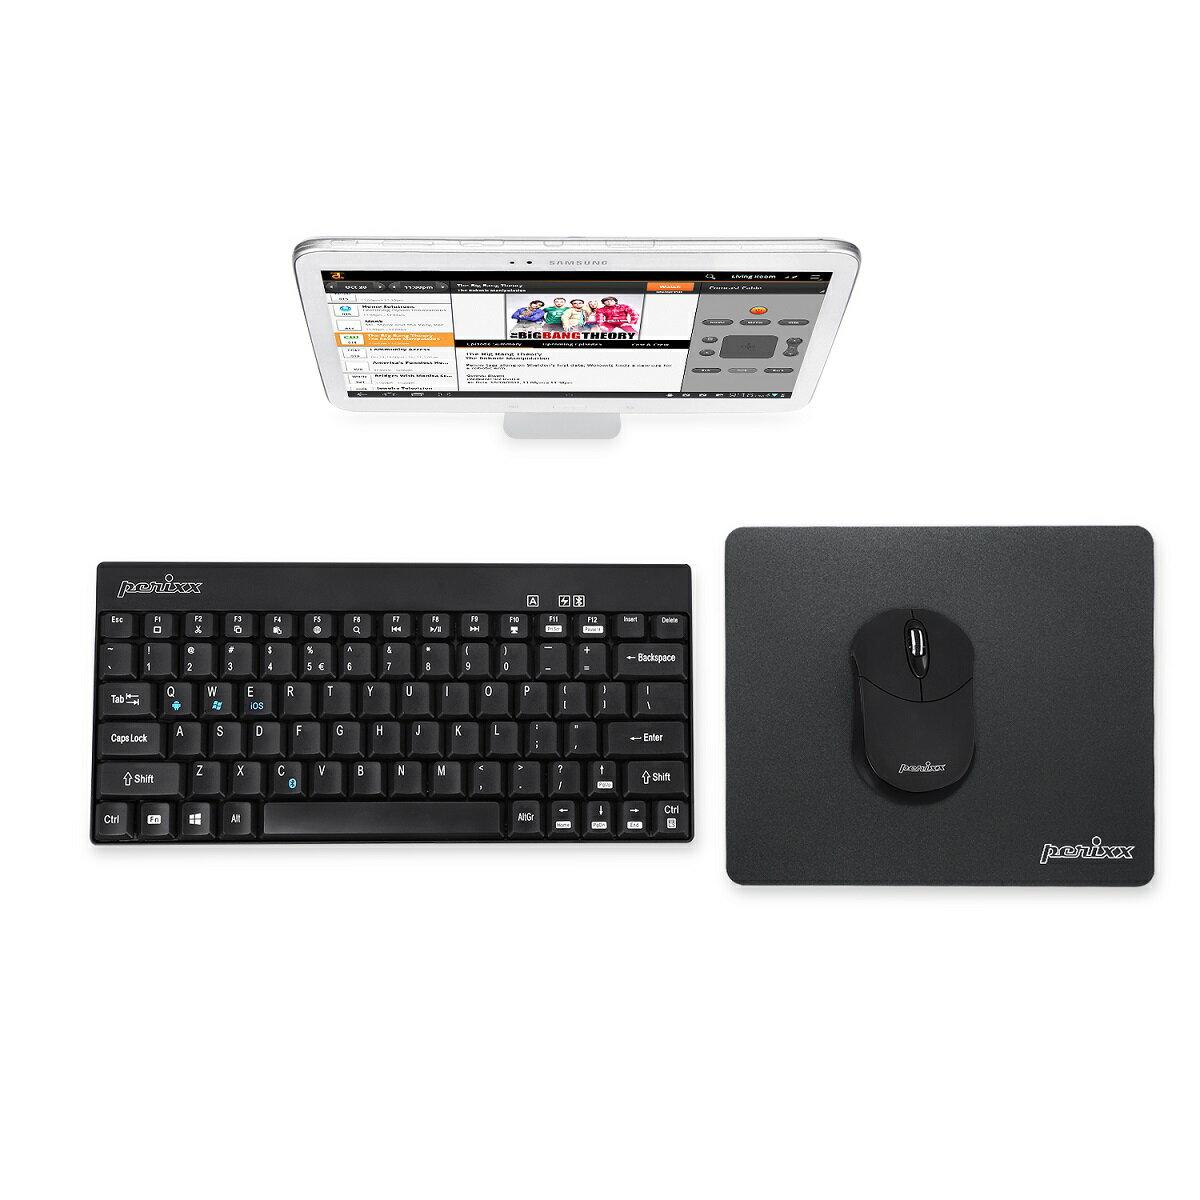 4980_11402 ぺリックス PERIMICE-802 ワイヤレス Bluetooth マウス 3ボタン 持ち運び便利 省電力 Windows/Android Tablet/PC向け【正規保証品】Perixx